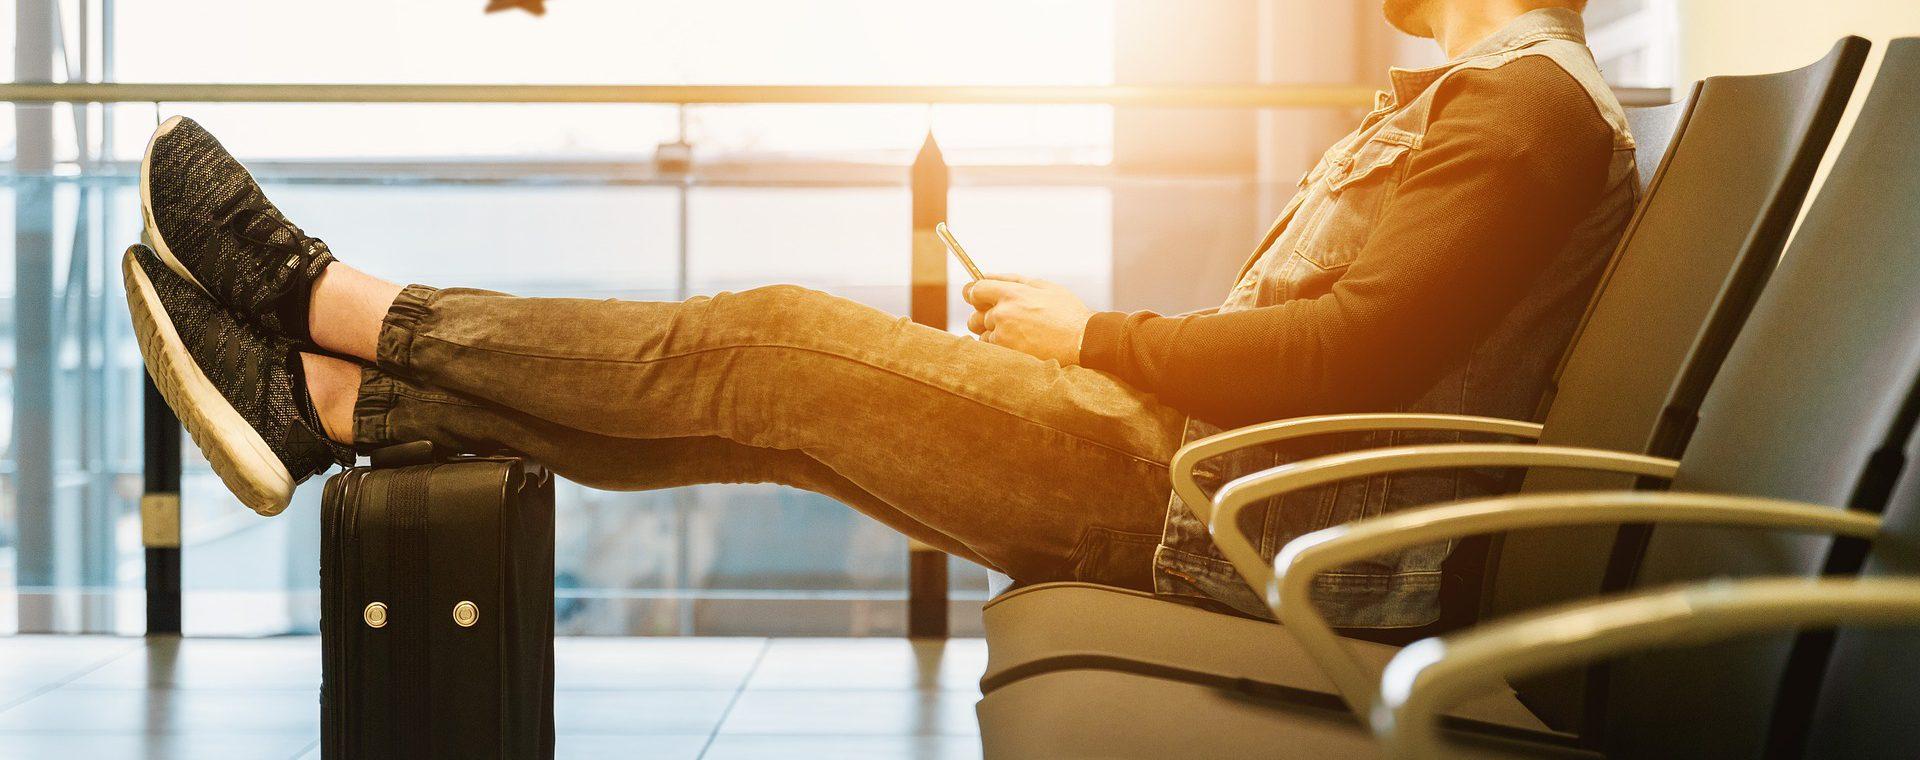 Bagage op het vliegtuig